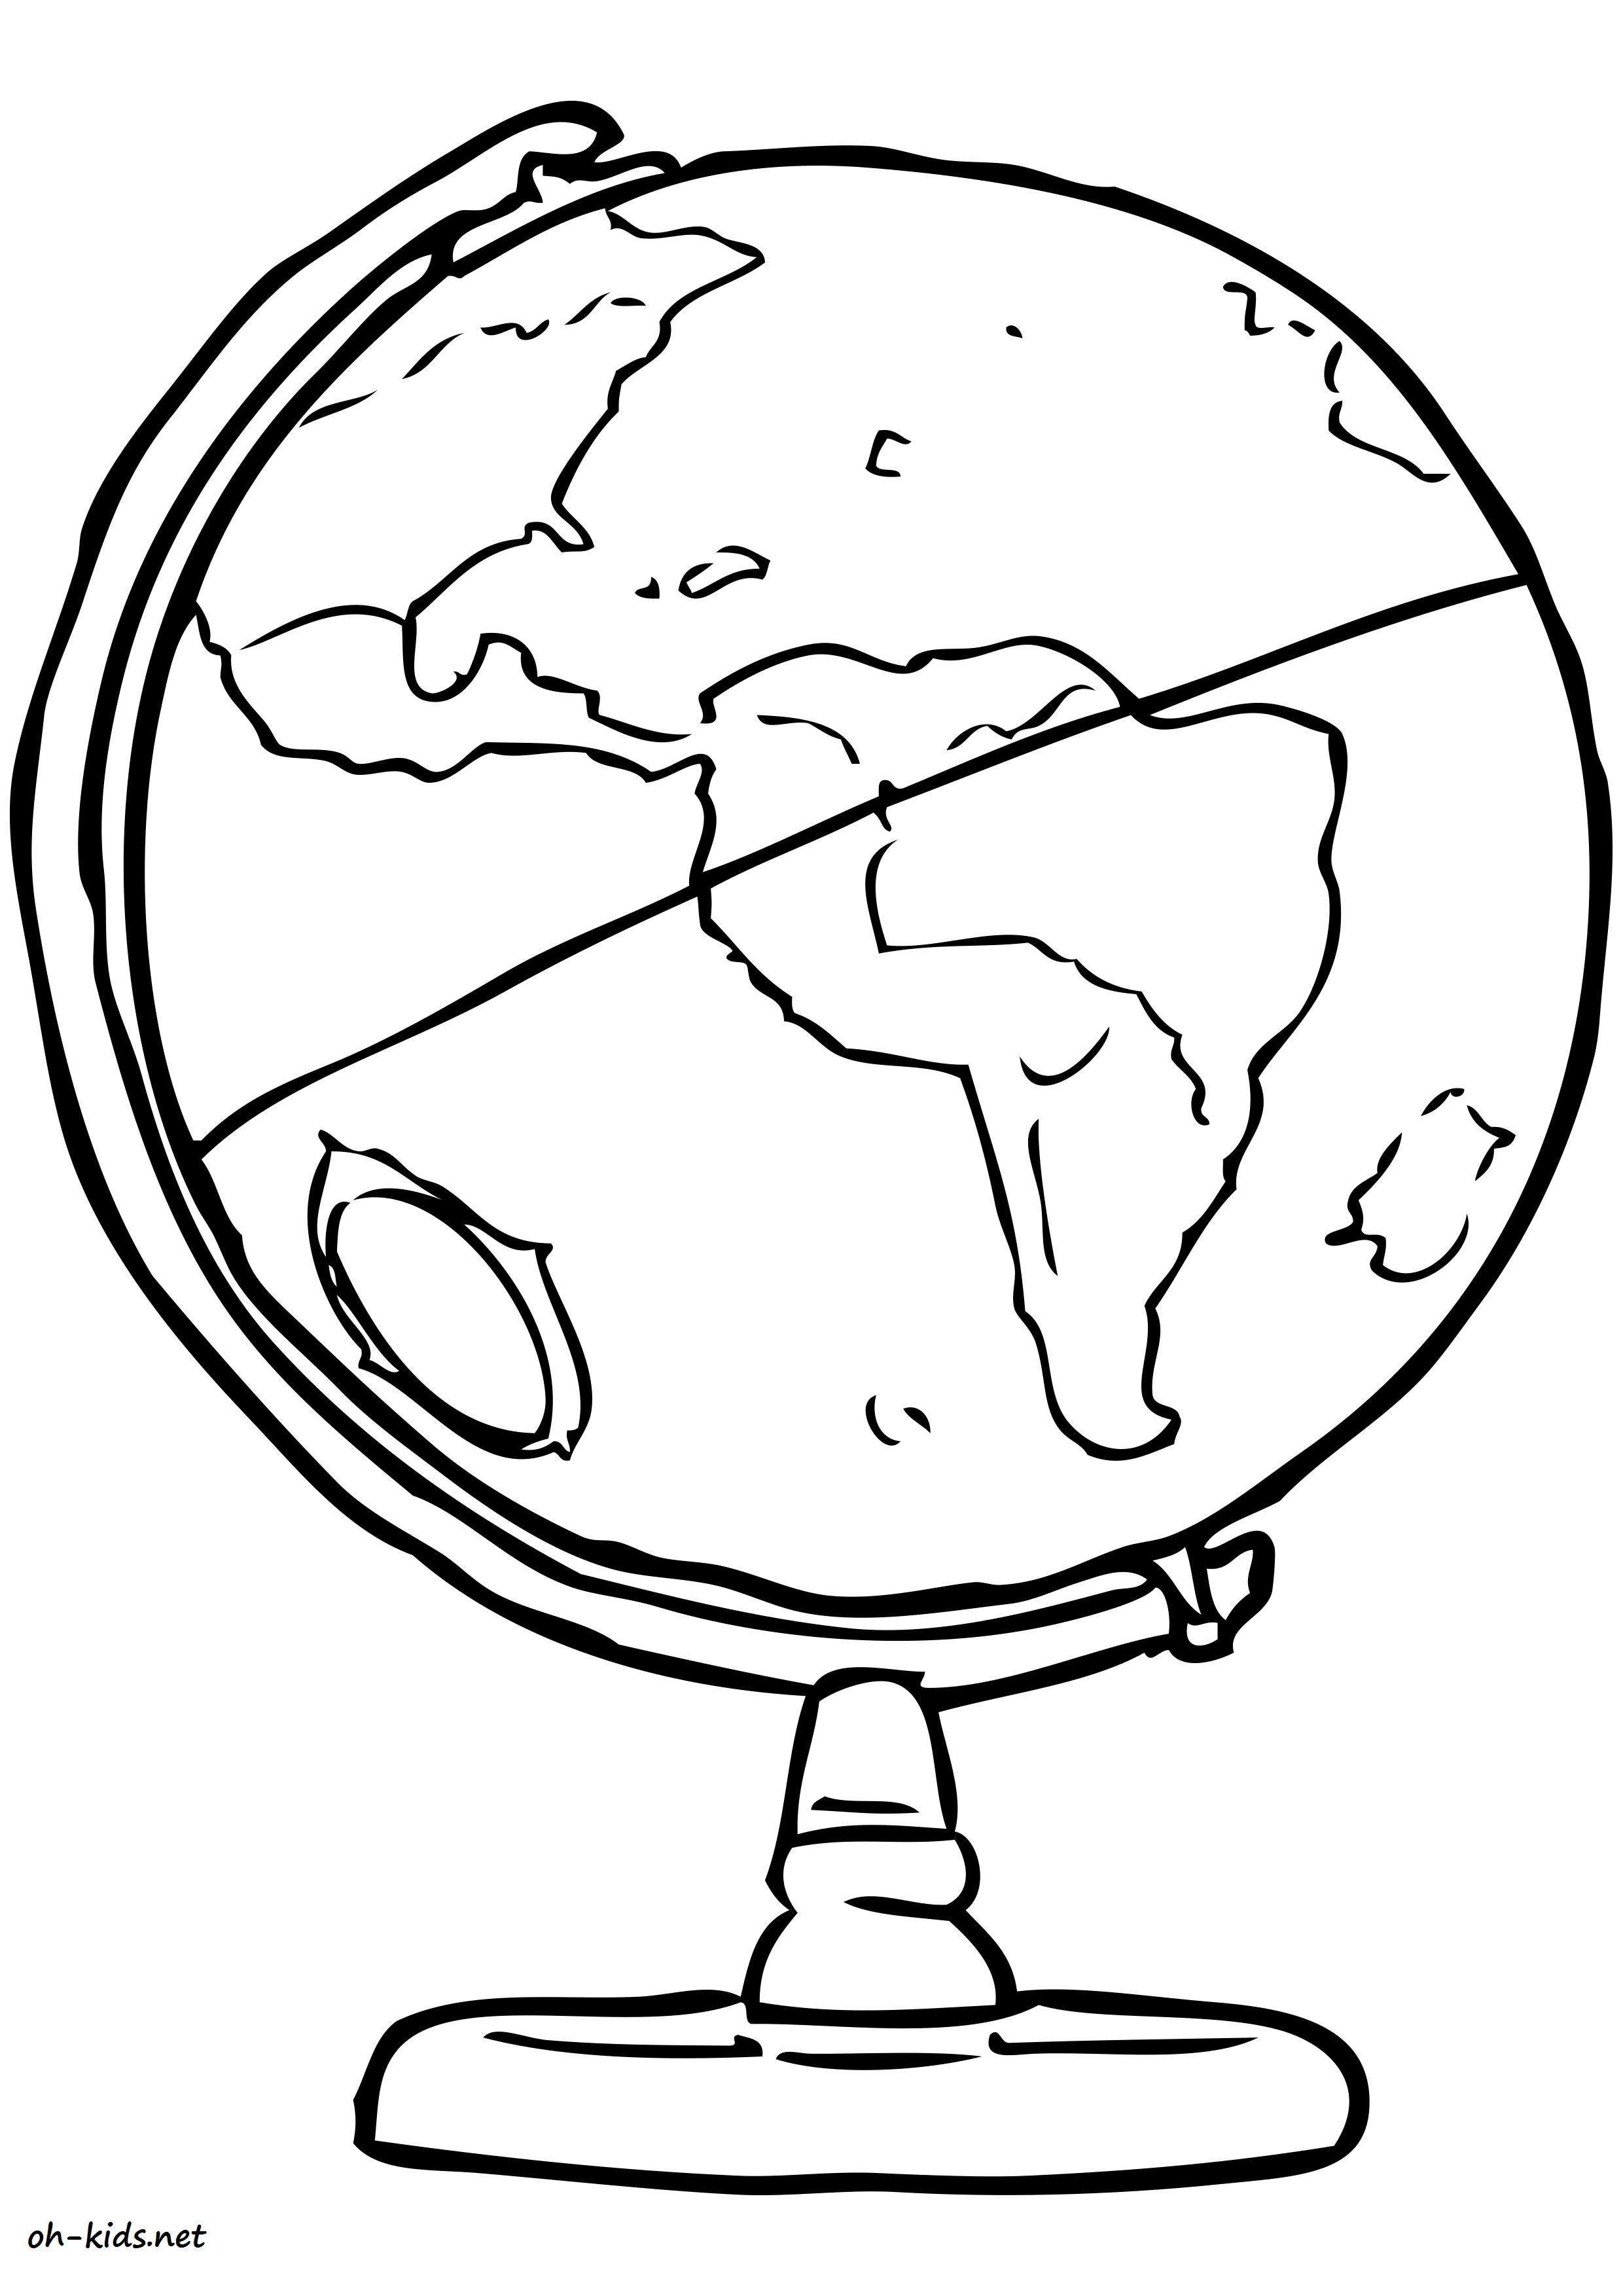 Dessin de globe terrestre a colorier - Dessin #1189